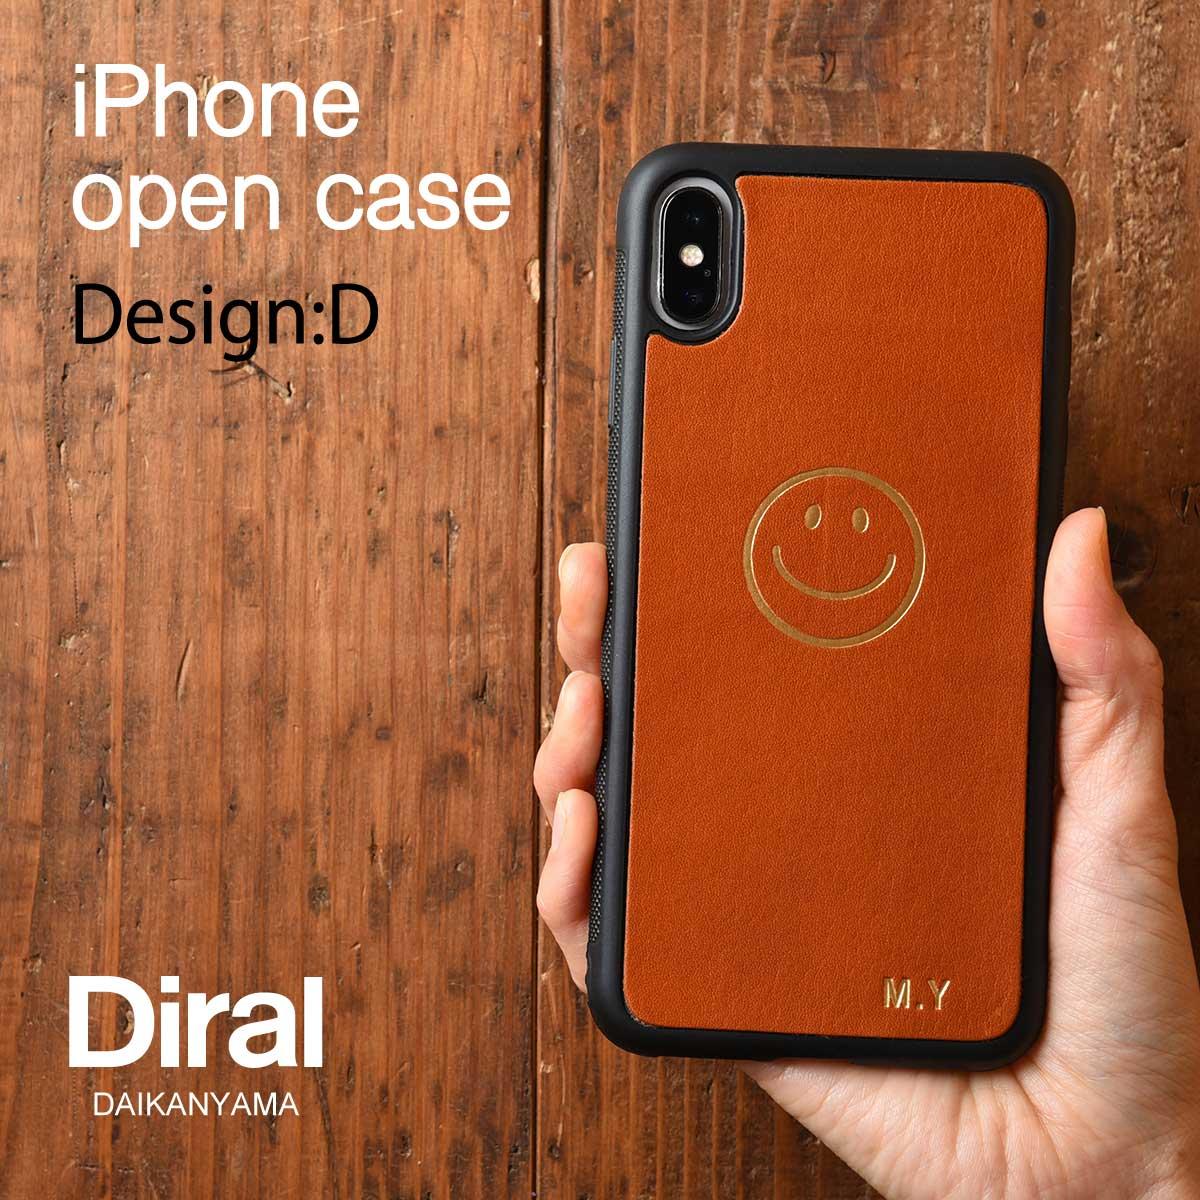 好みのデザインパターンから自由にカスタマイズ 誰ともかぶらない 一つだけのiPhoneケースが作れます Design D スマイルマーク刻印 現金特価 即納 名入れ iPhoneケース オーダー 名入れカスタム iPhoneオープンタイプケース